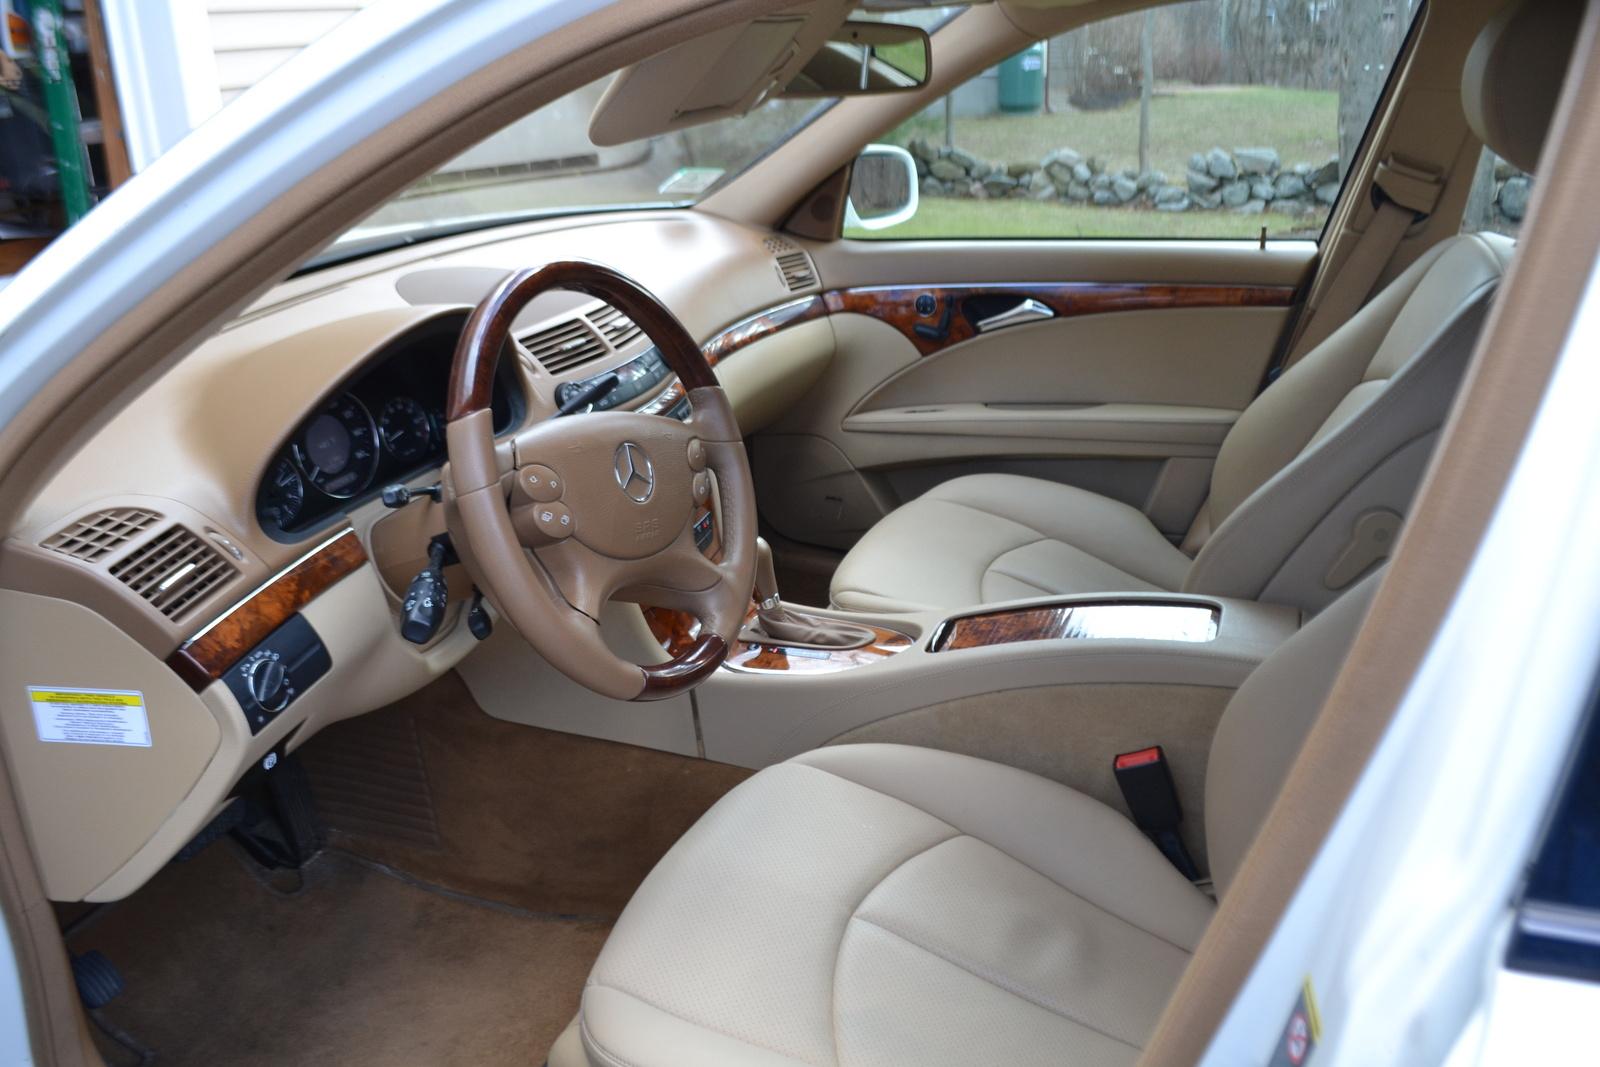 2009 mercedes benz e class interior pictures cargurus for 2009 mercedes benz e class e350 4matic review